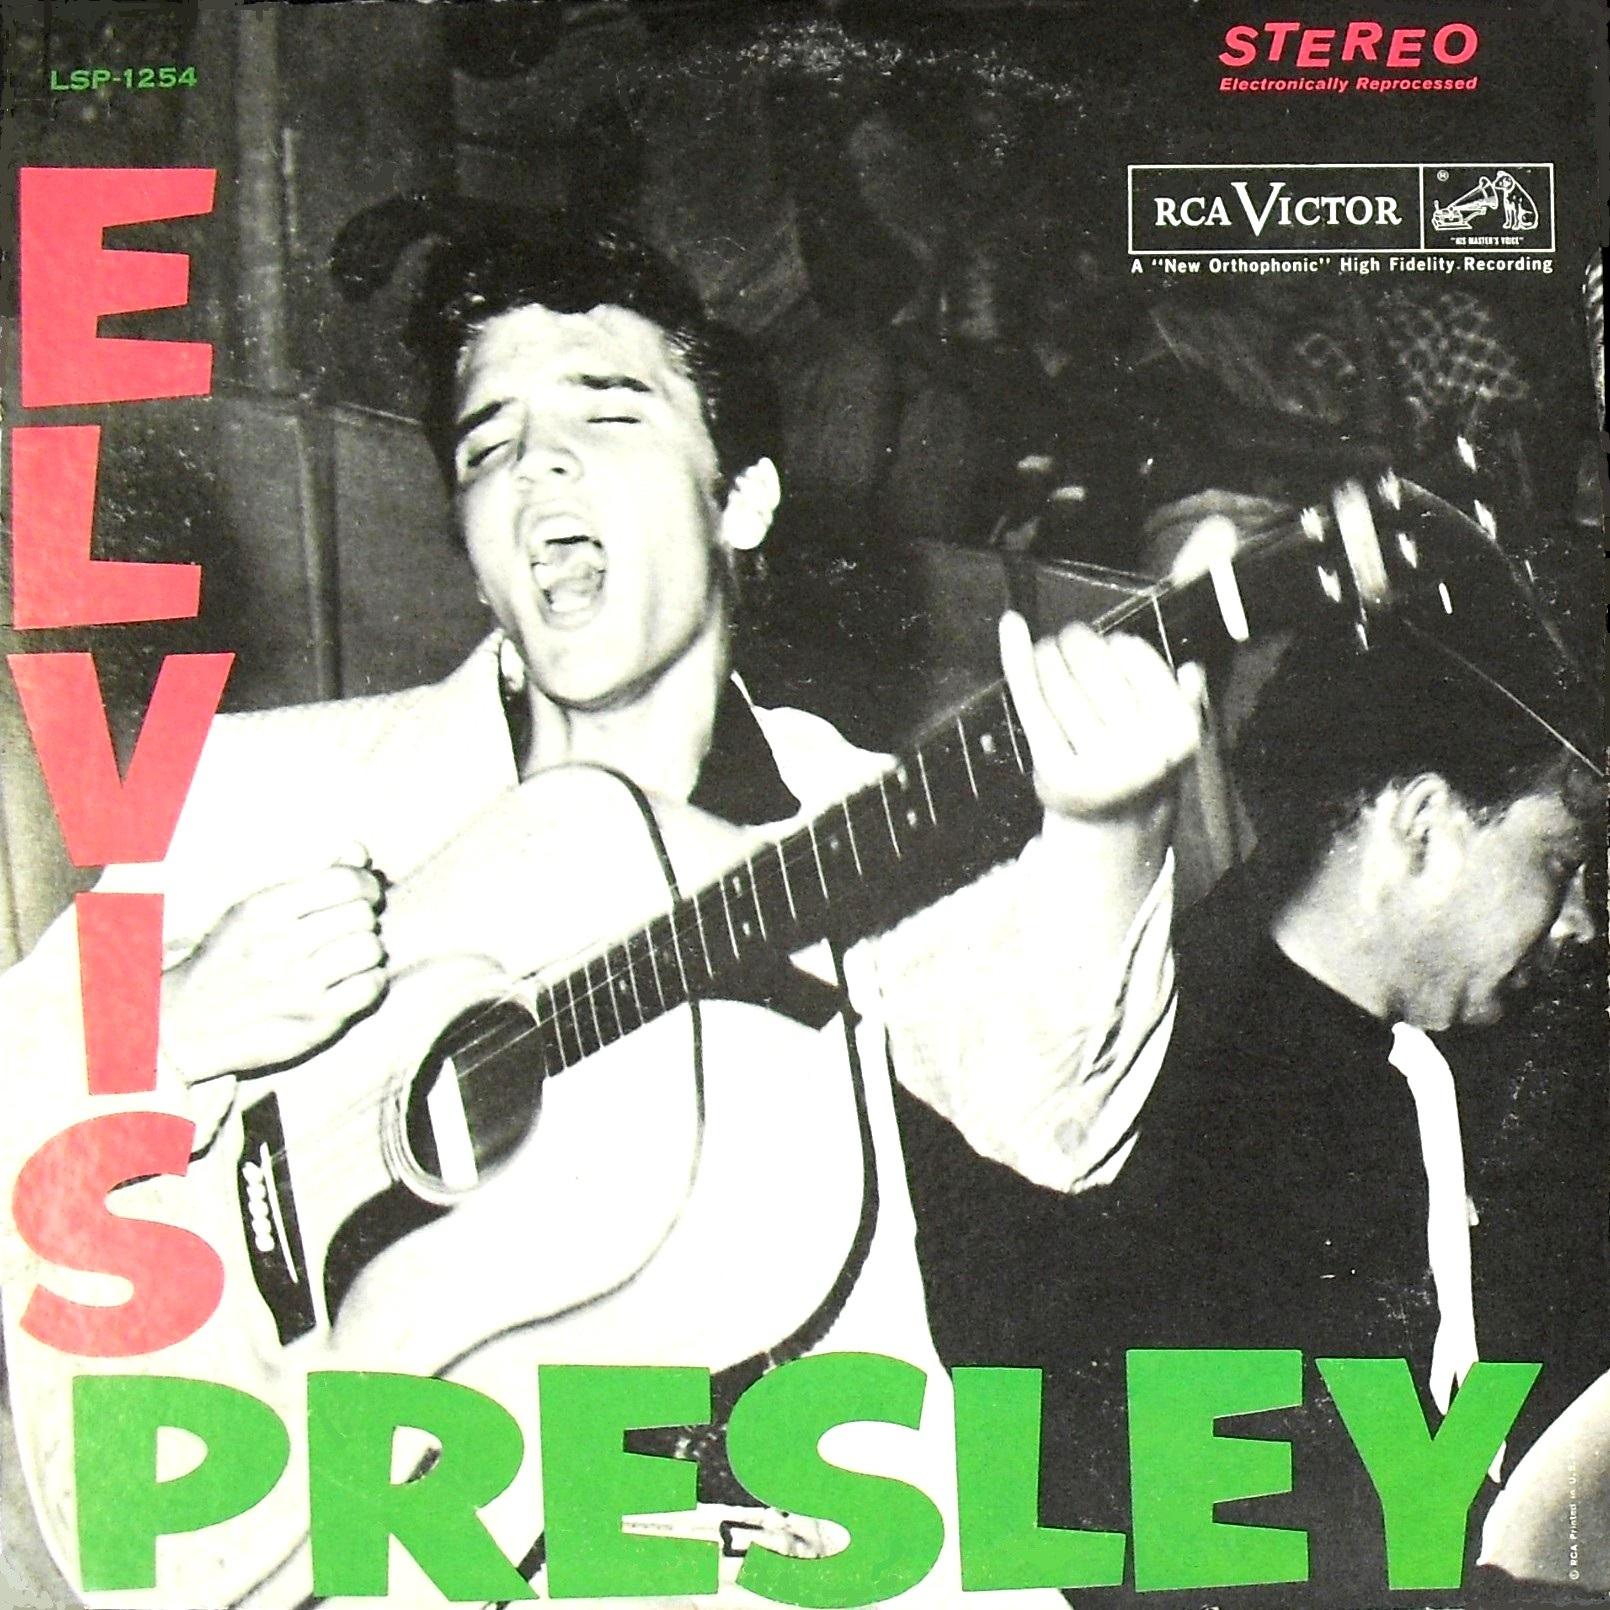 ELVIS PRESLEY S98srpfu